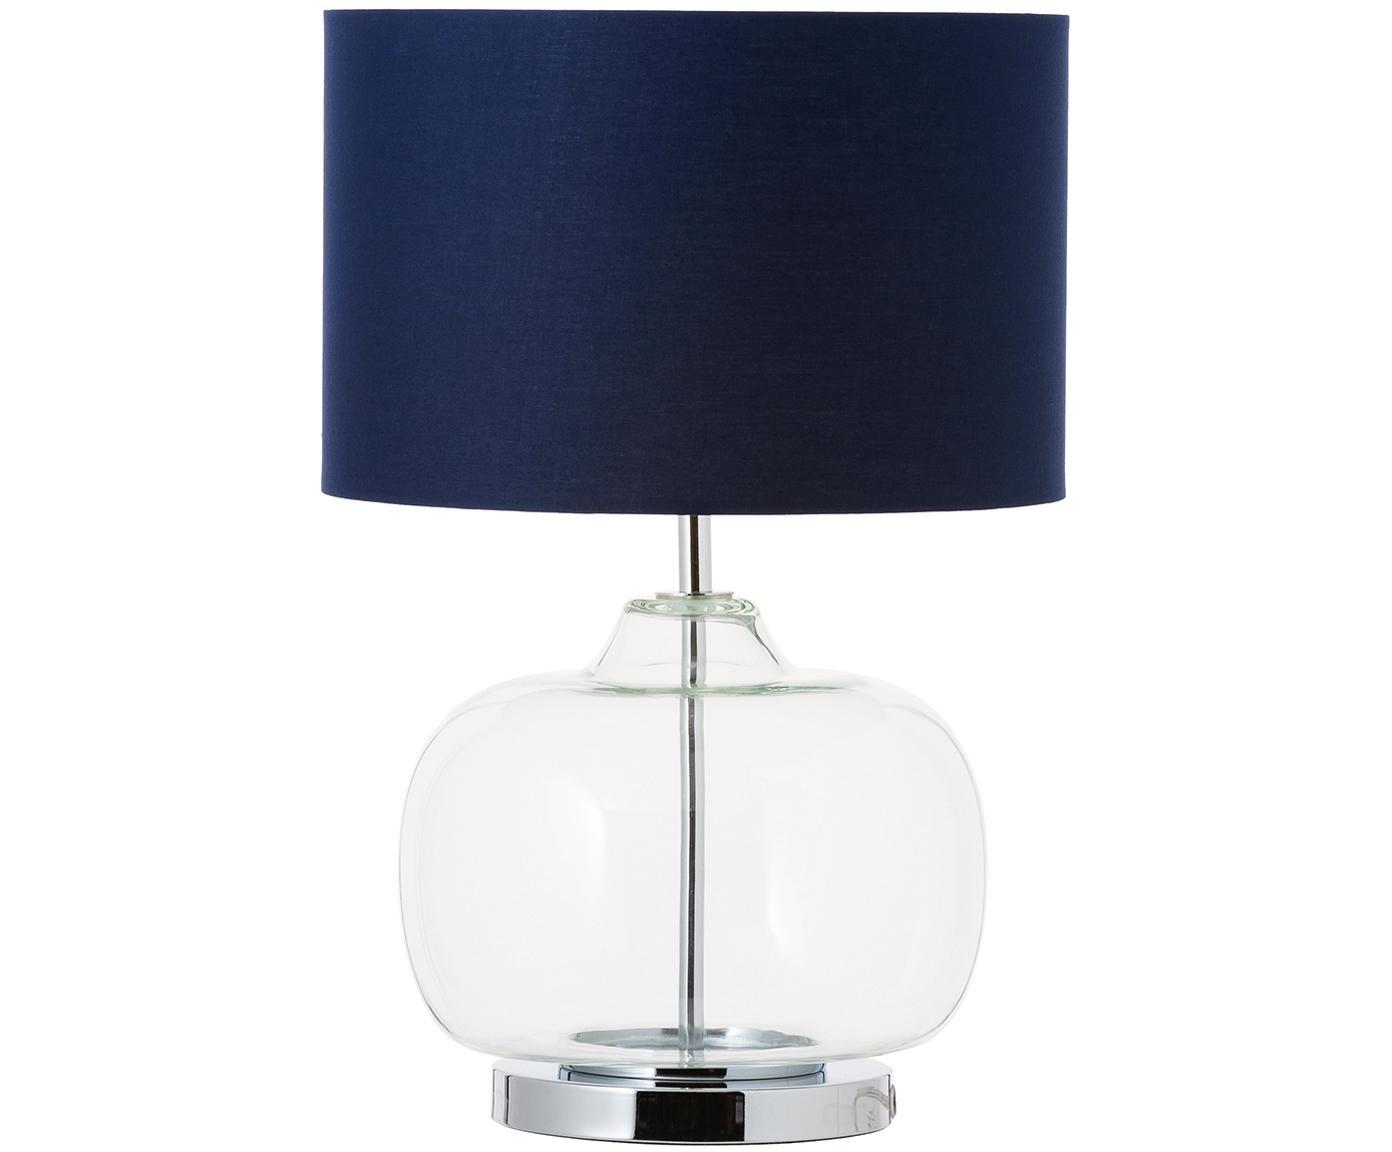 Lampa stołowa Amelia, Ciemnyniebieski, Ø 28 x W 41 cm